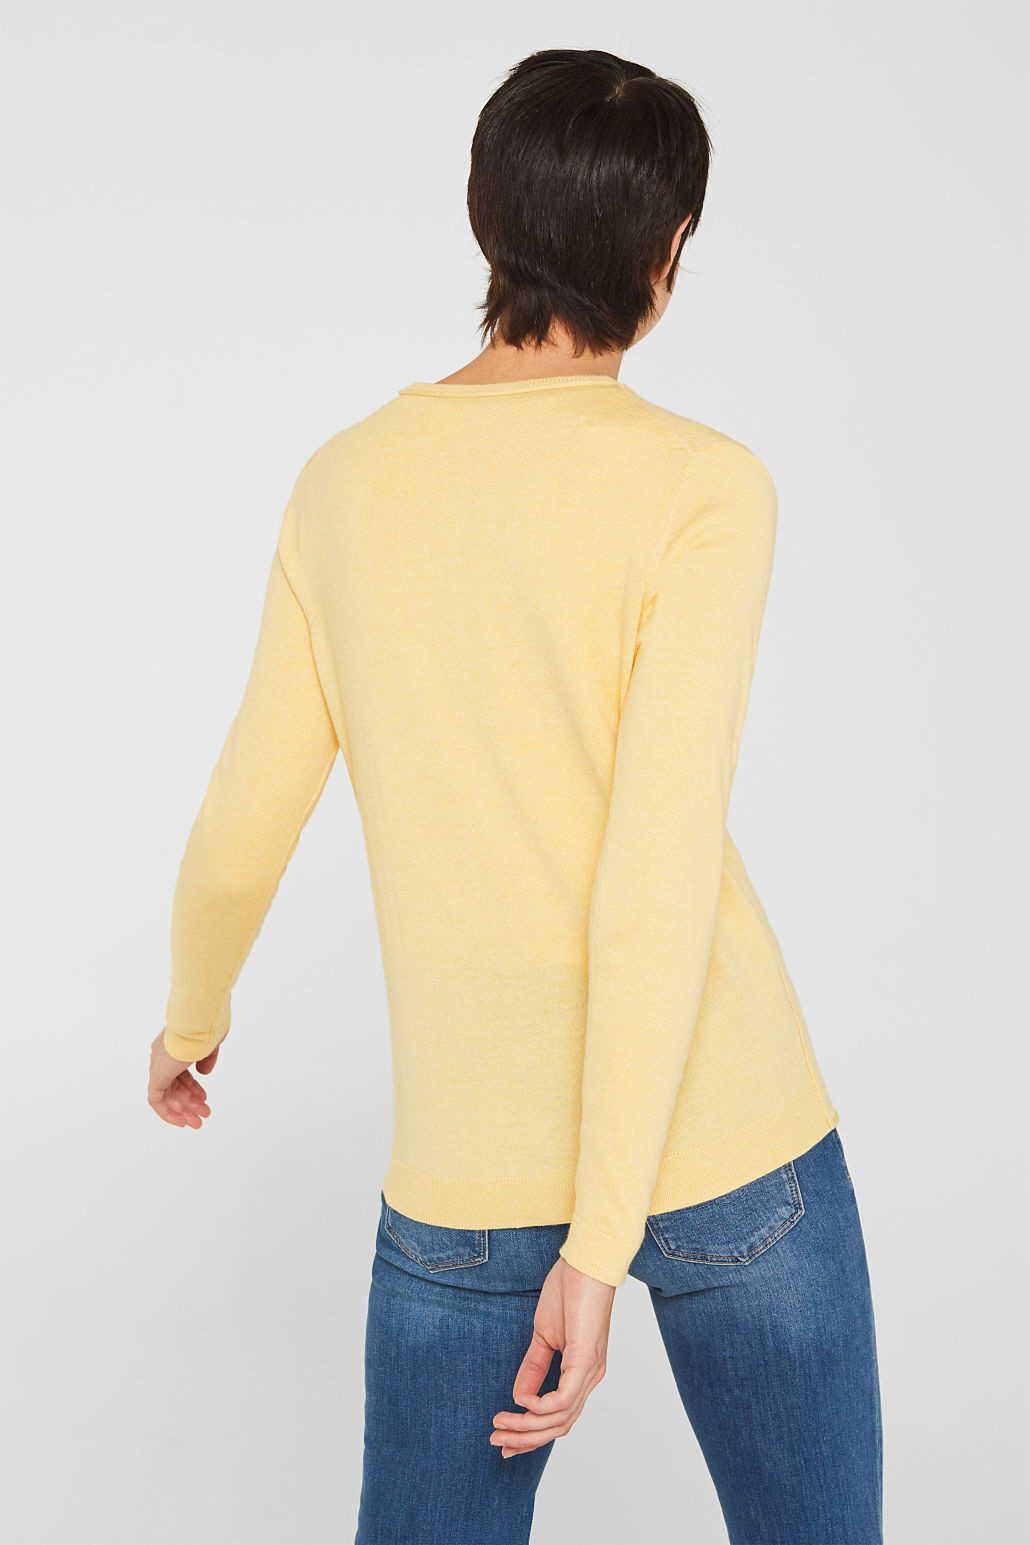 ESPRIT Cardigans in gelb günstig kaufen